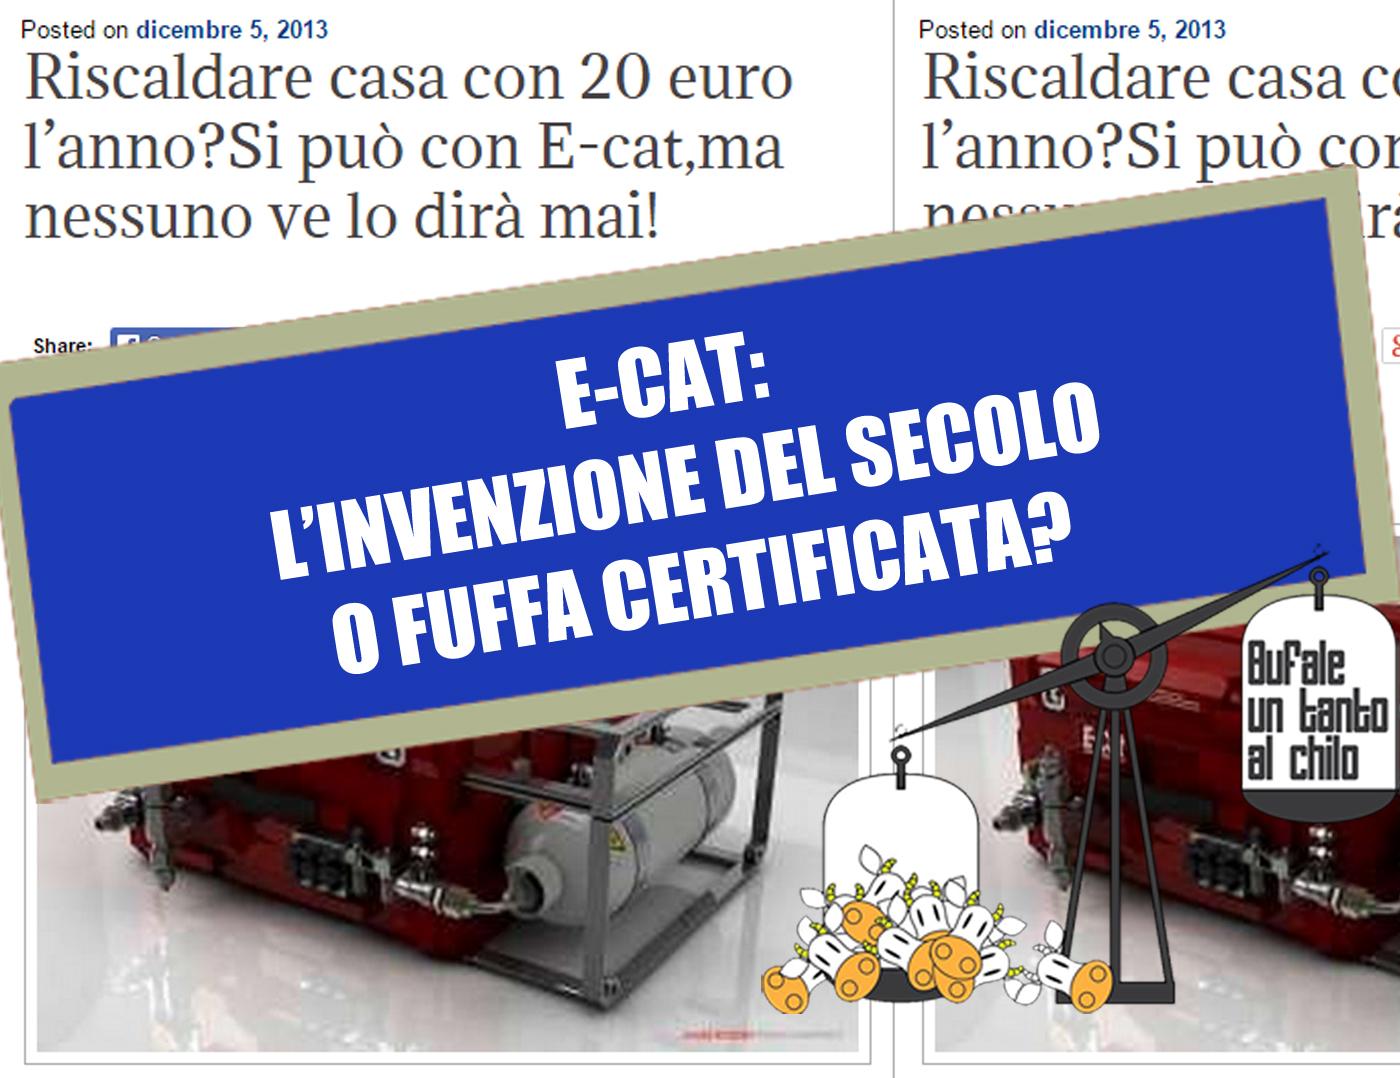 E-CAT, rivoluzione zoppa — BUTAC - Bufale un tanto al chilo